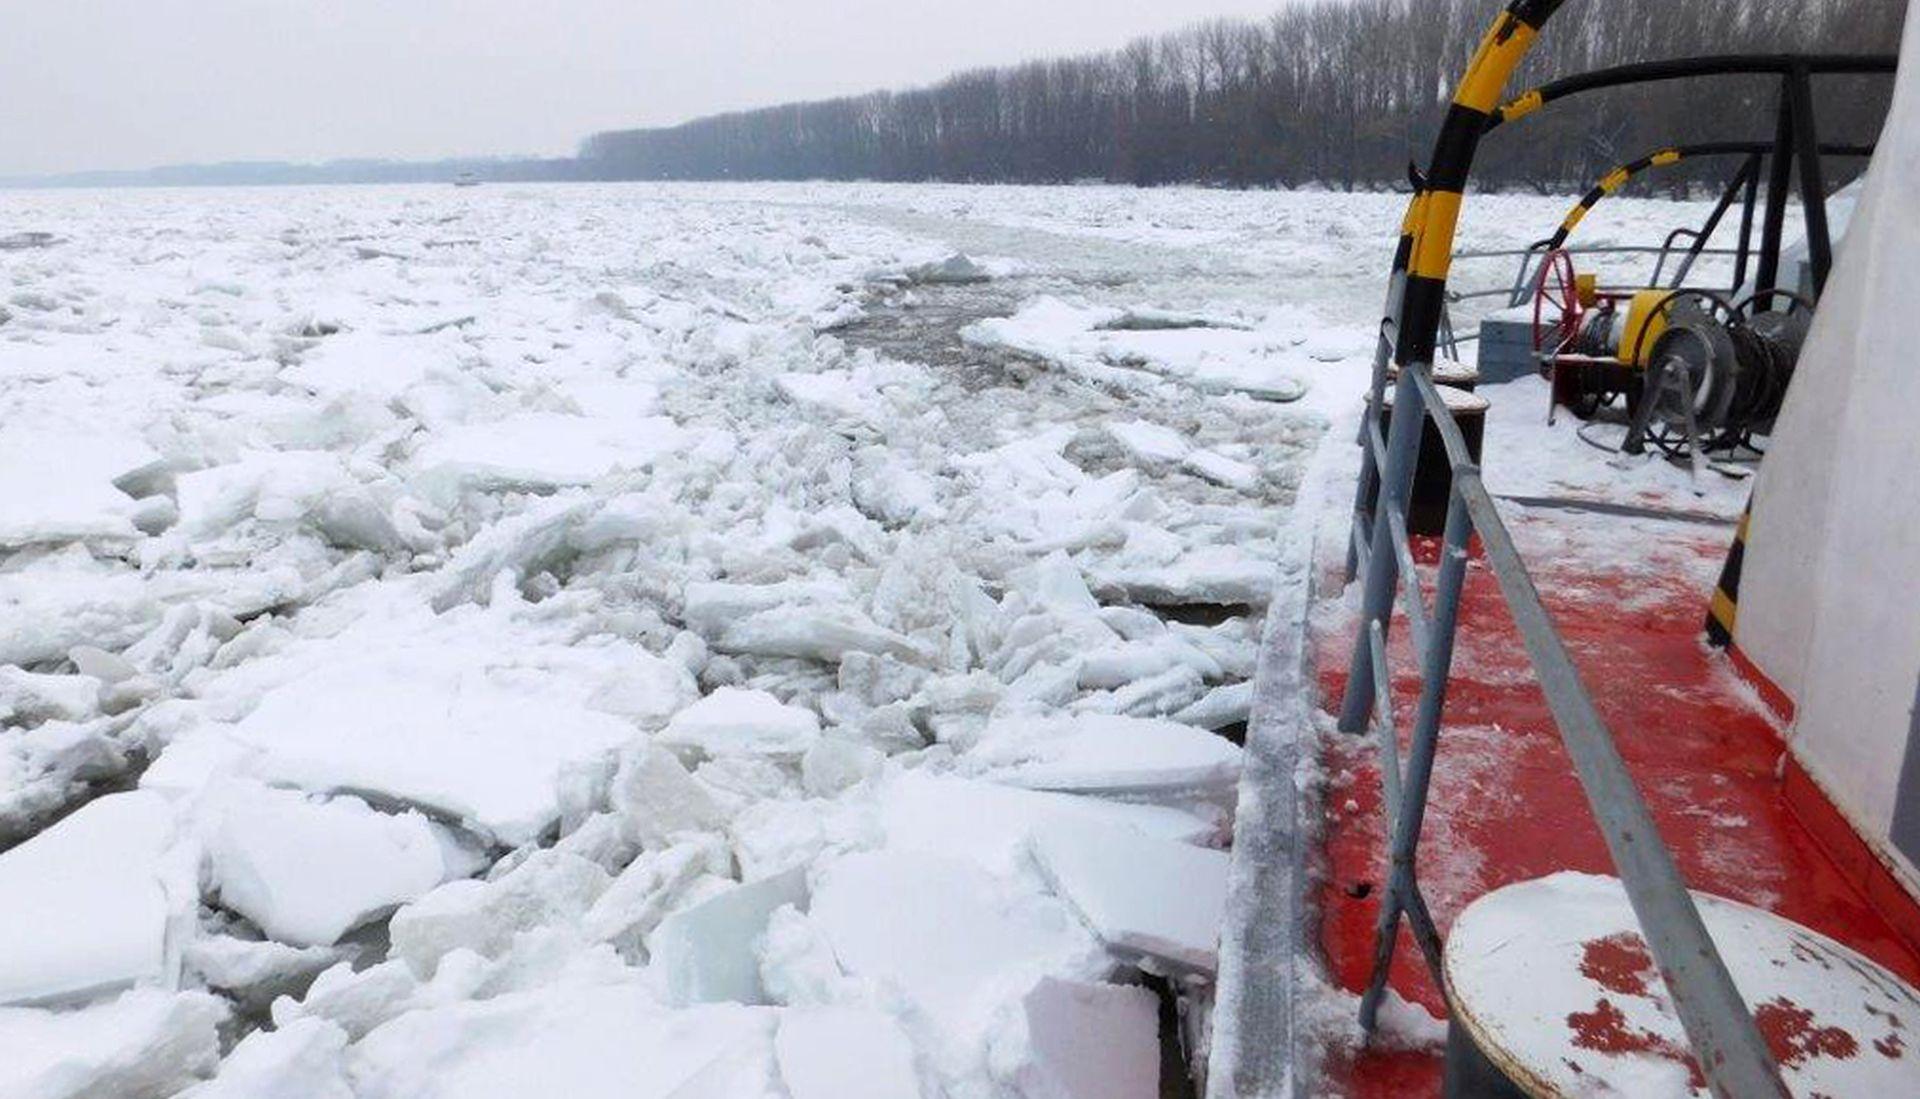 Mađarski ledolomci probijaju led na Dunavu prema Dalju